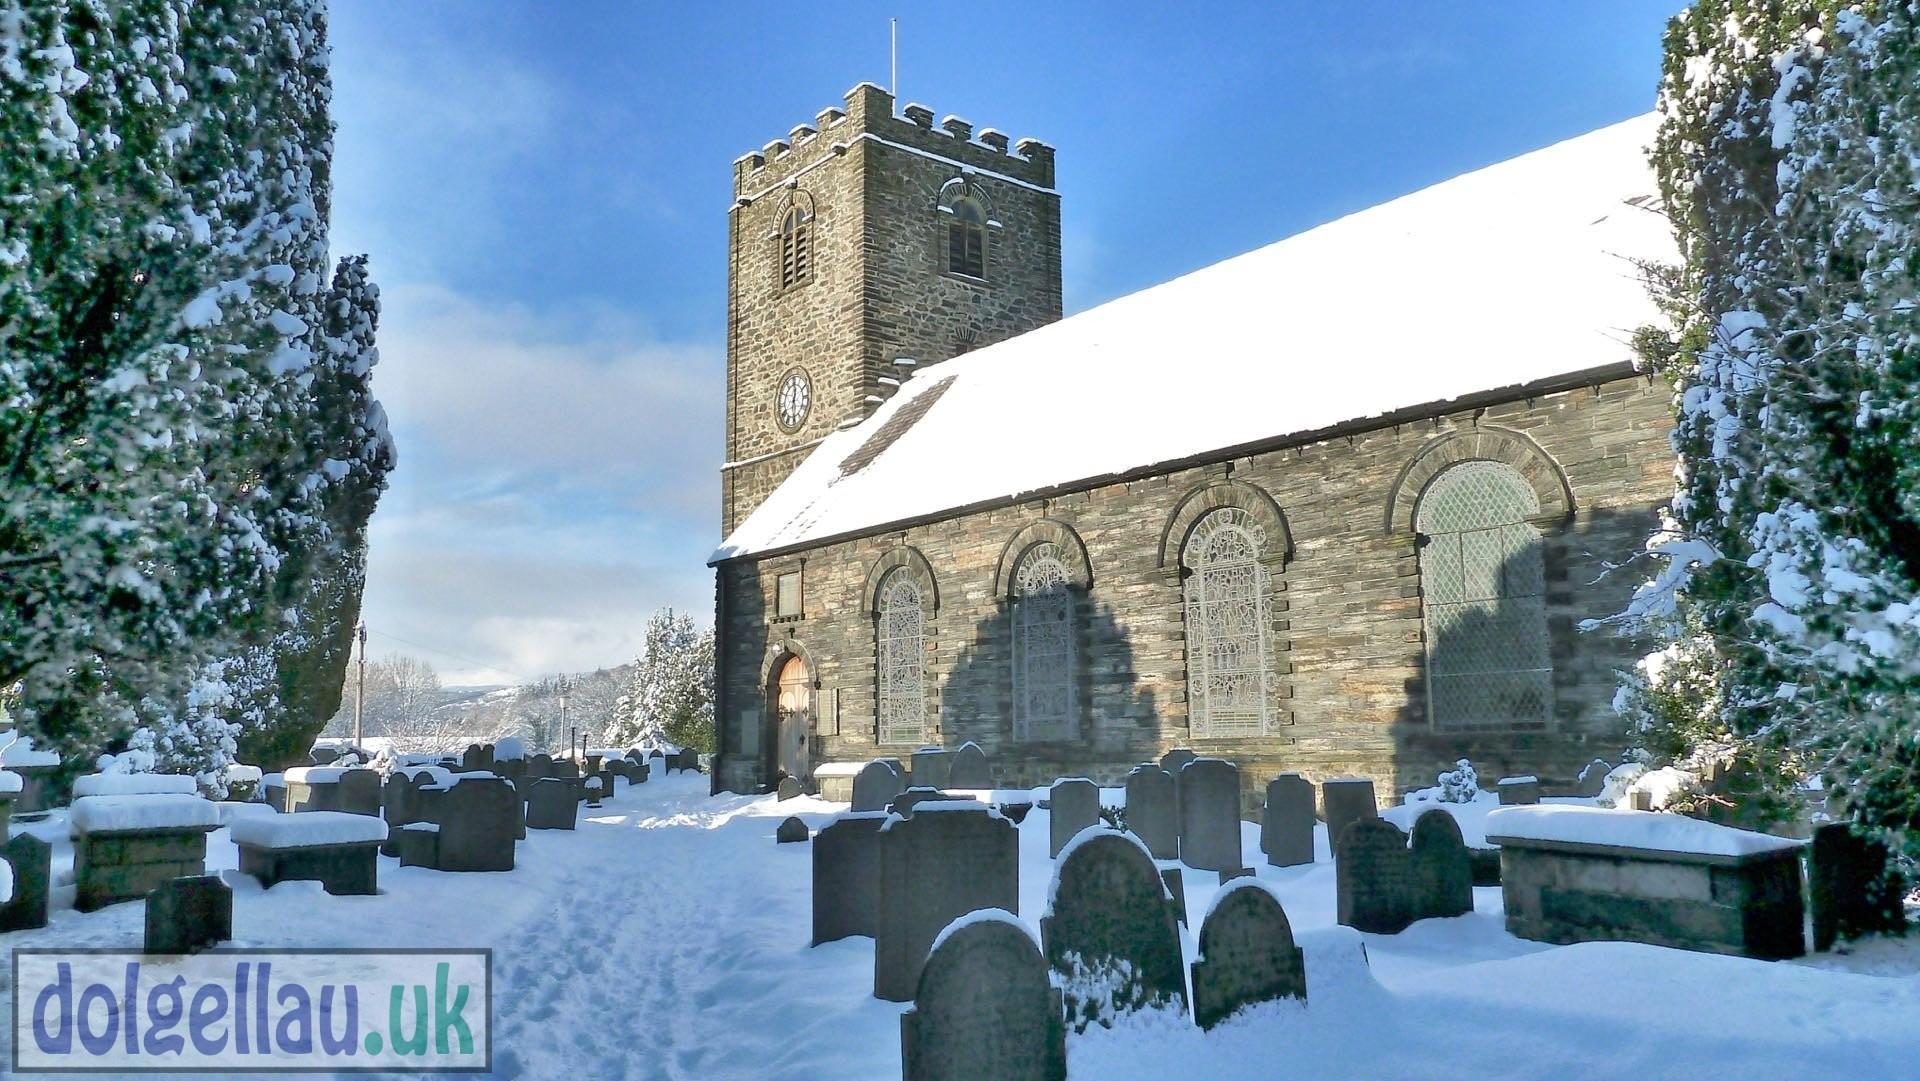 St. Marys Church in Winter